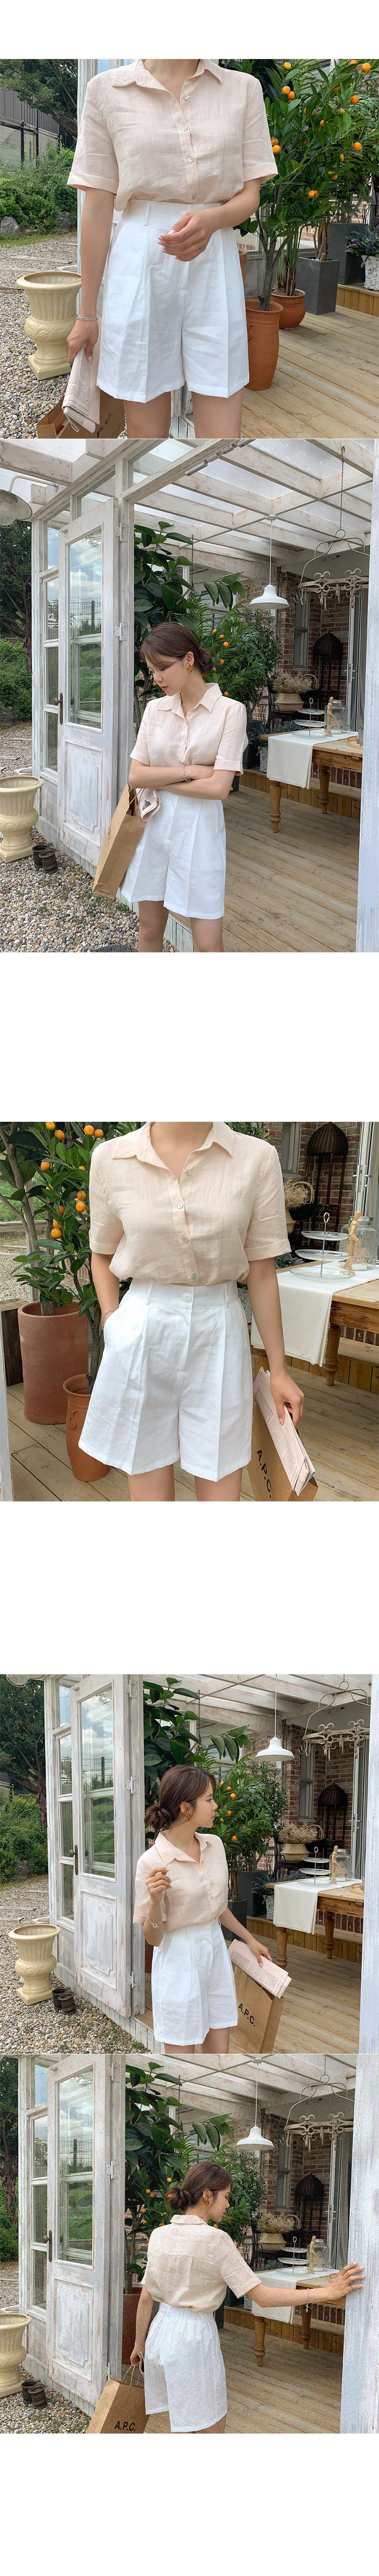 Shasha Lamikara short-sleeved shirt